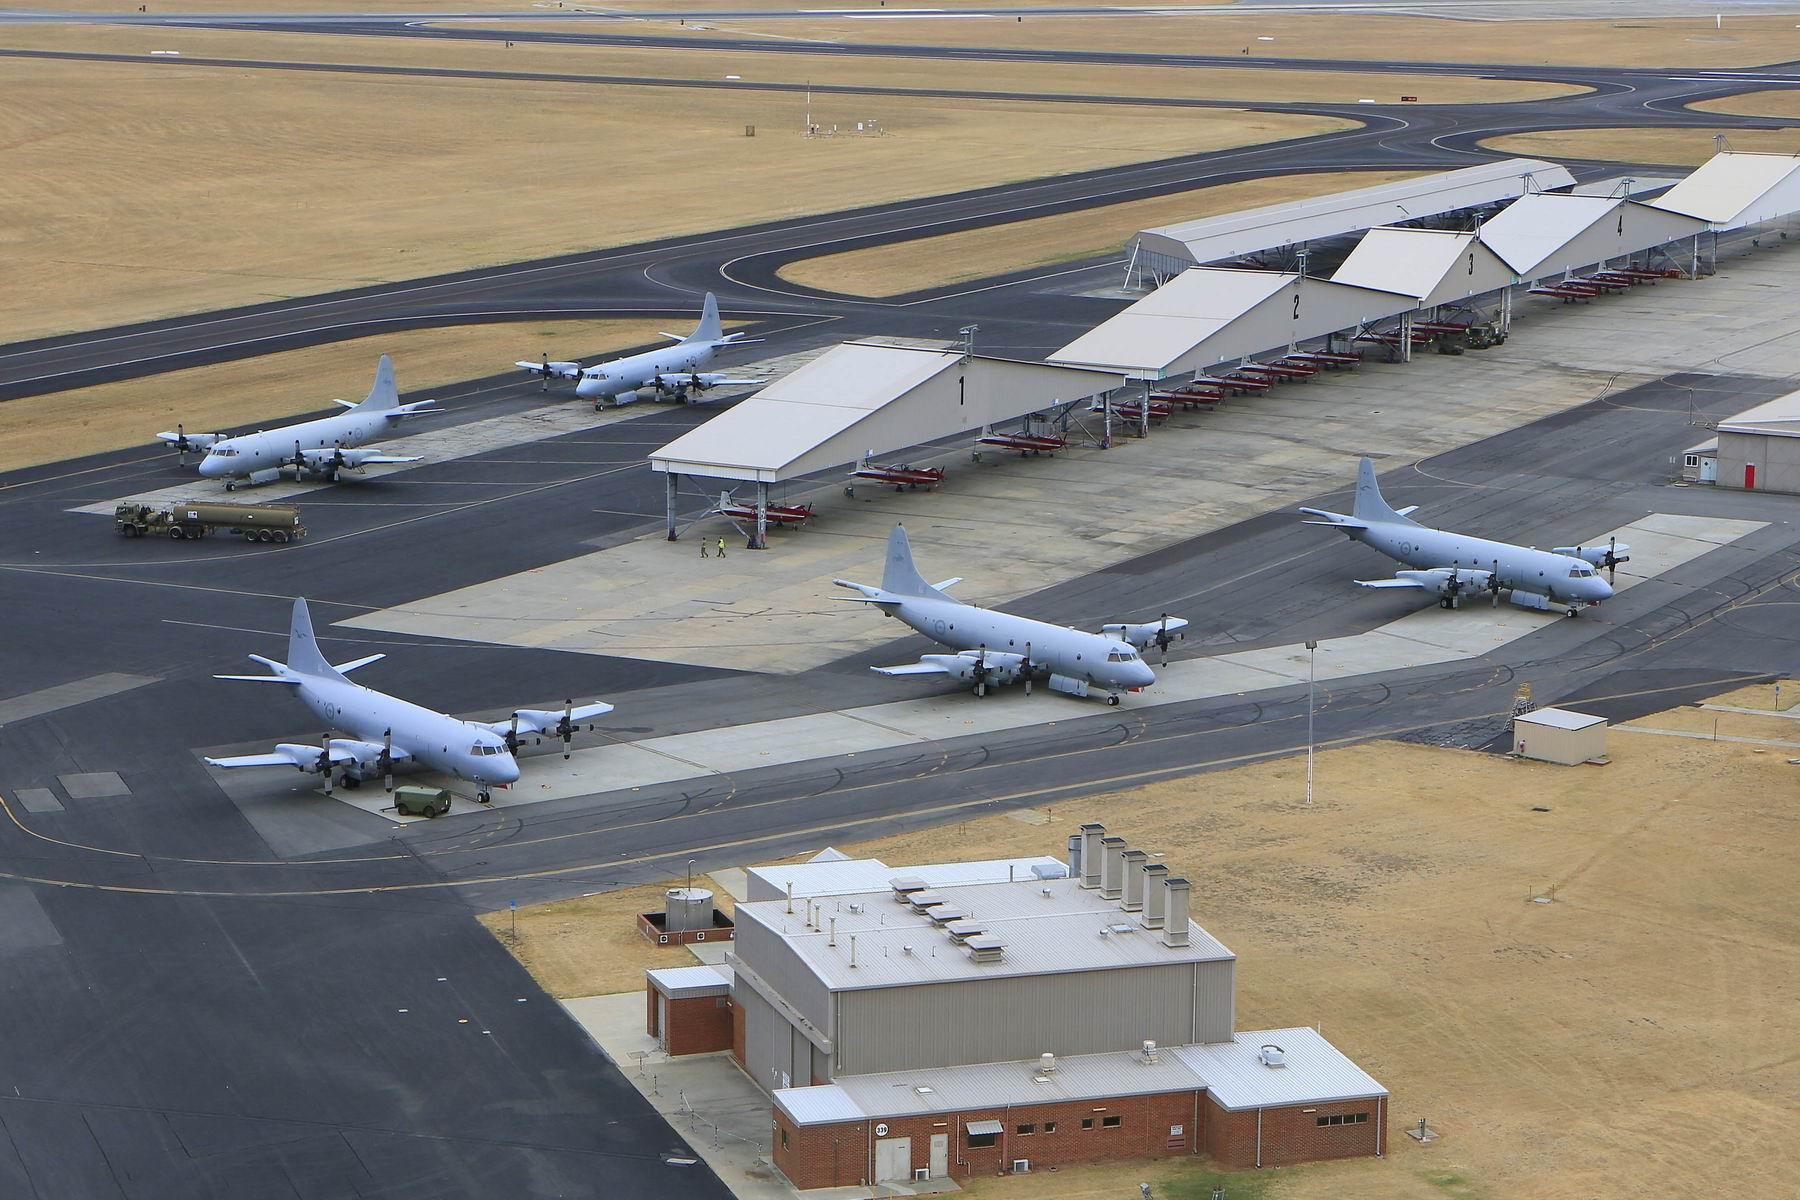 The RAAF Pearce base.